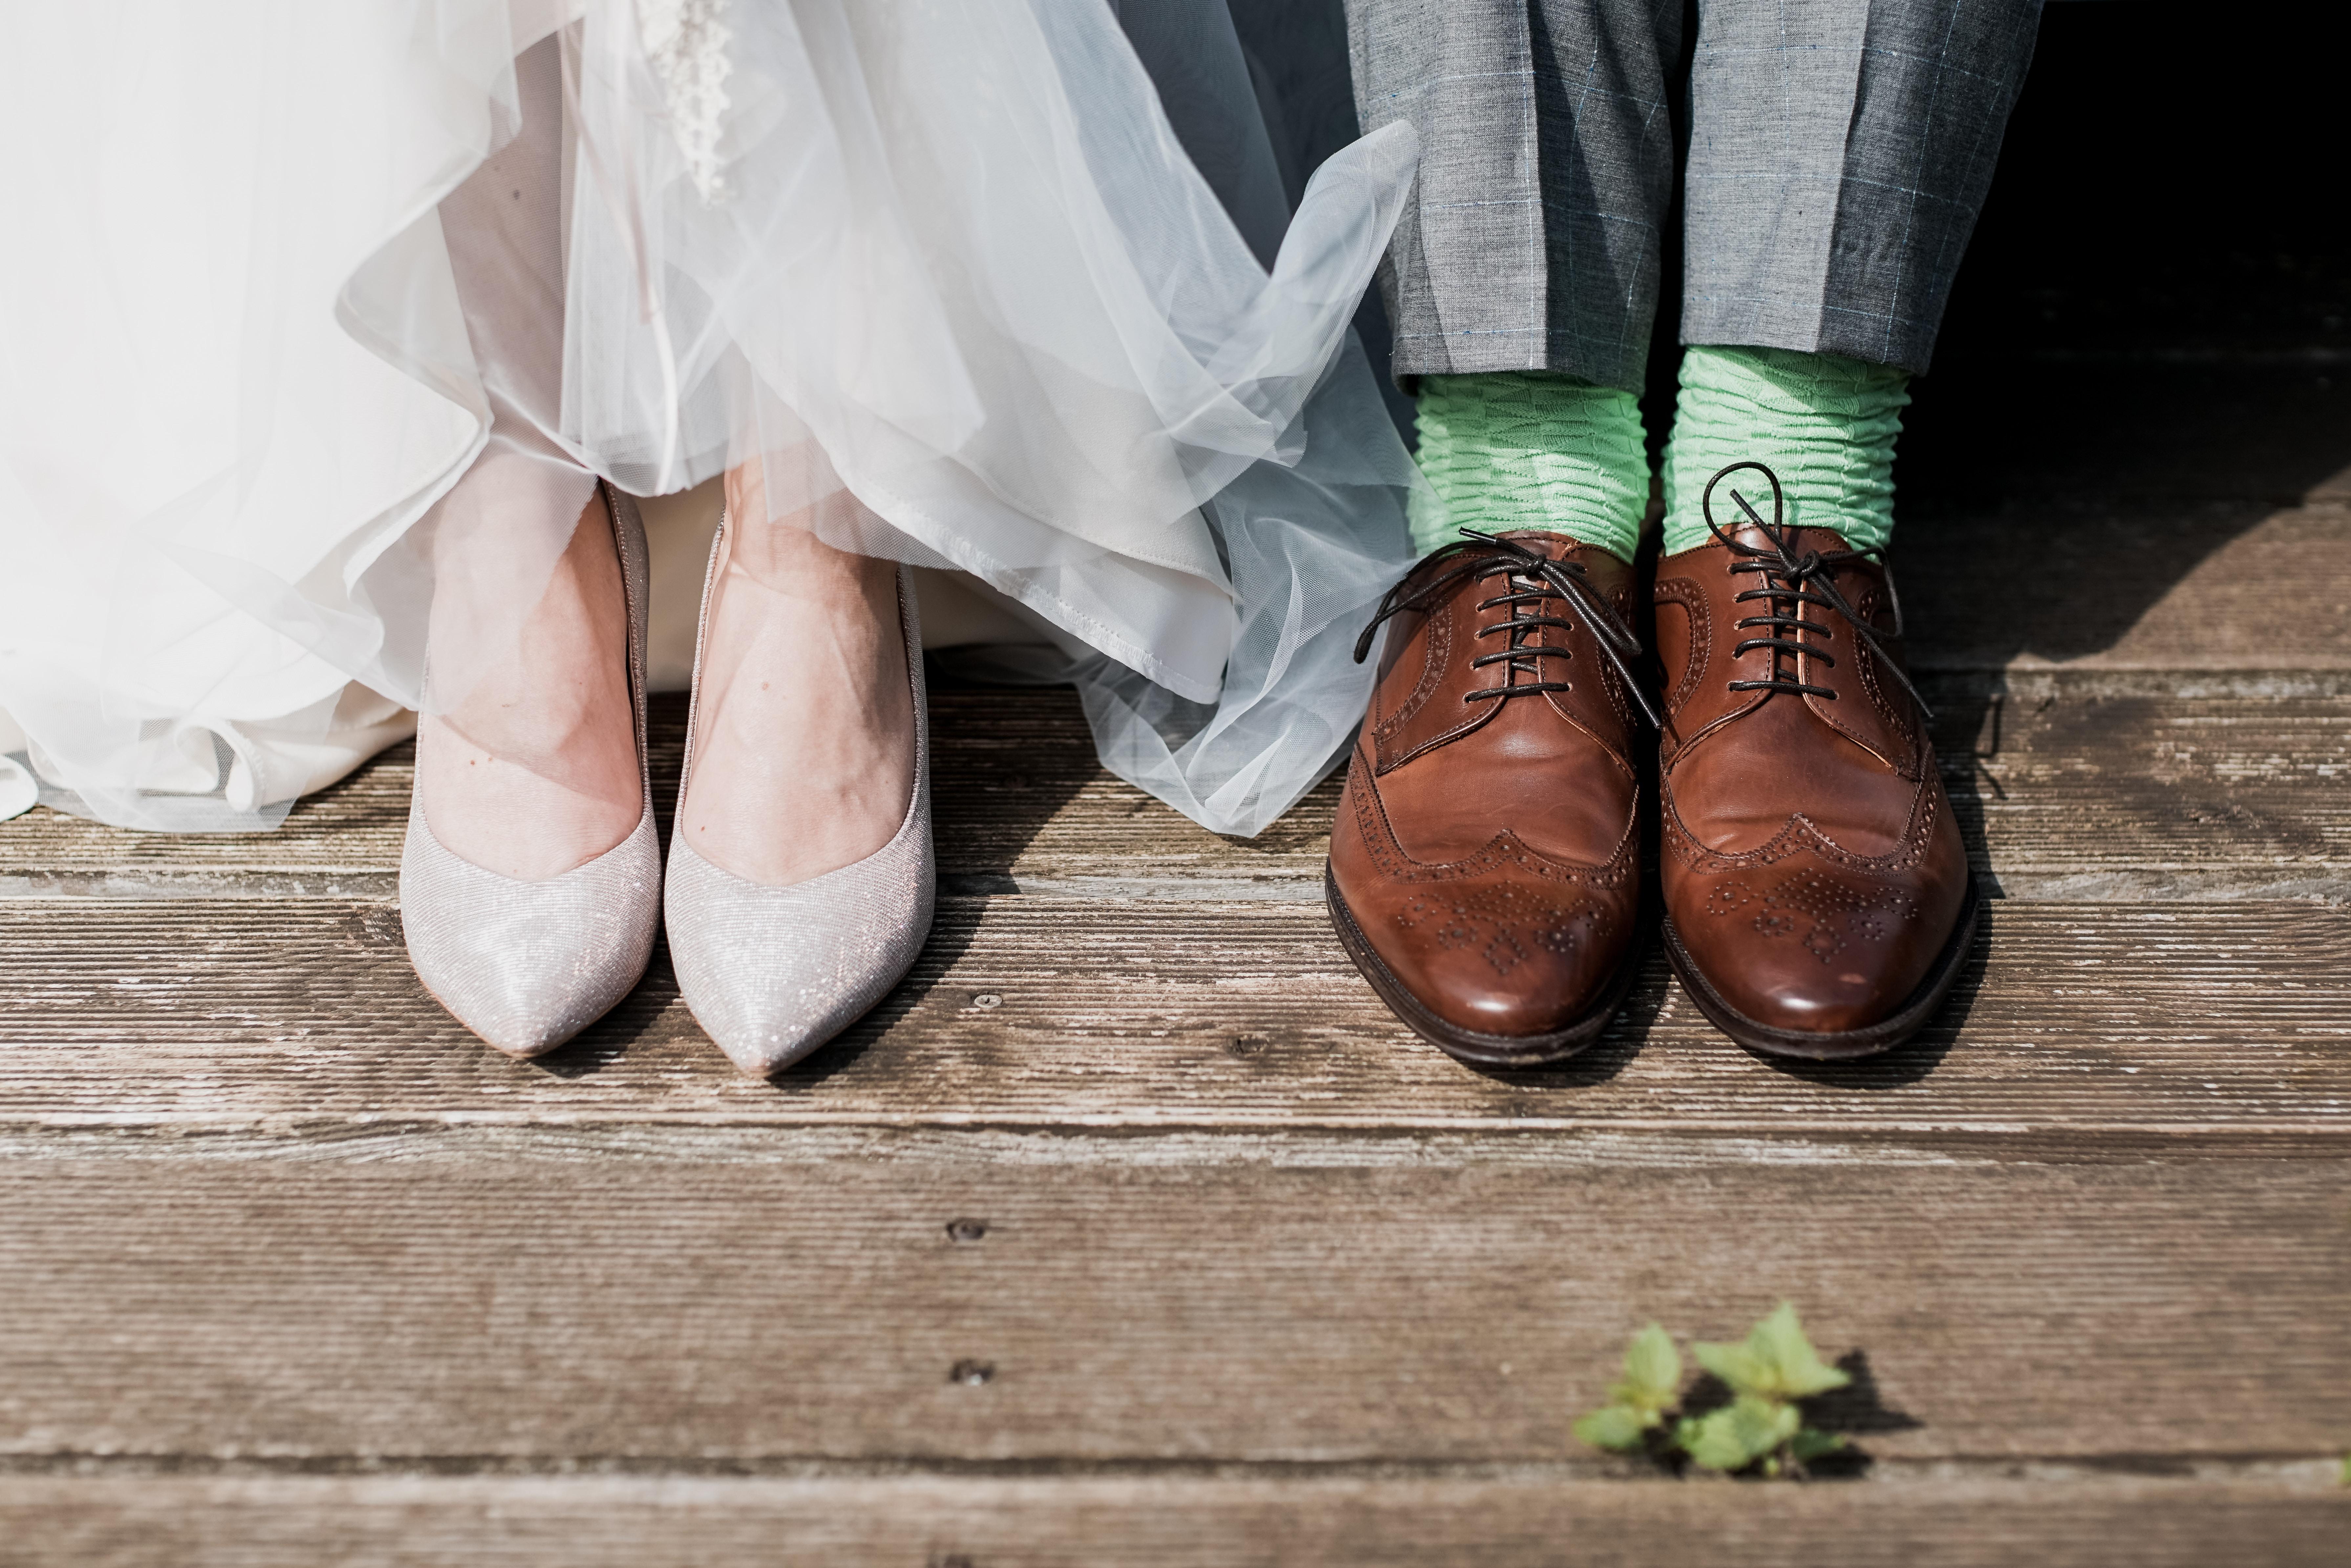 Comment faire un mariage décalé?